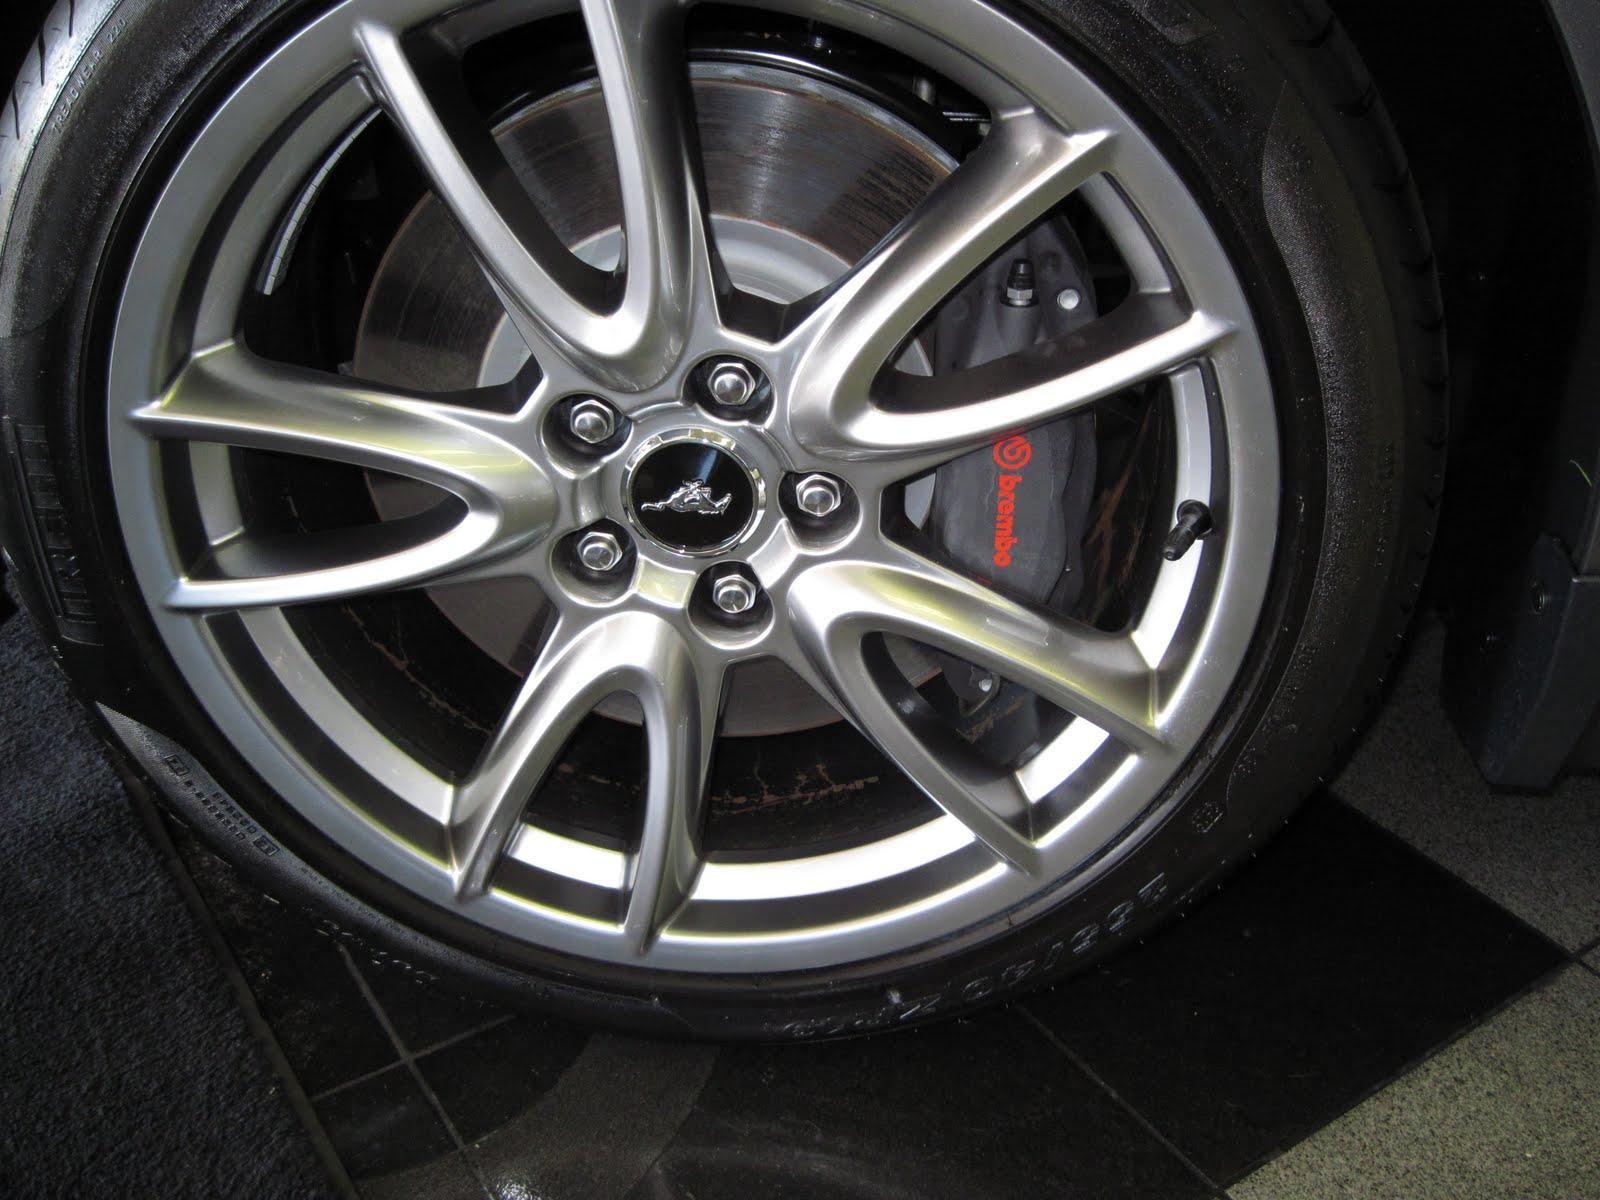 http://1.bp.blogspot.com/_L2vzmffOt4I/TCUsdp9r0hI/AAAAAAAAAiw/kp9Tf_jy_m8/s1600/brembo+brakes.JPG